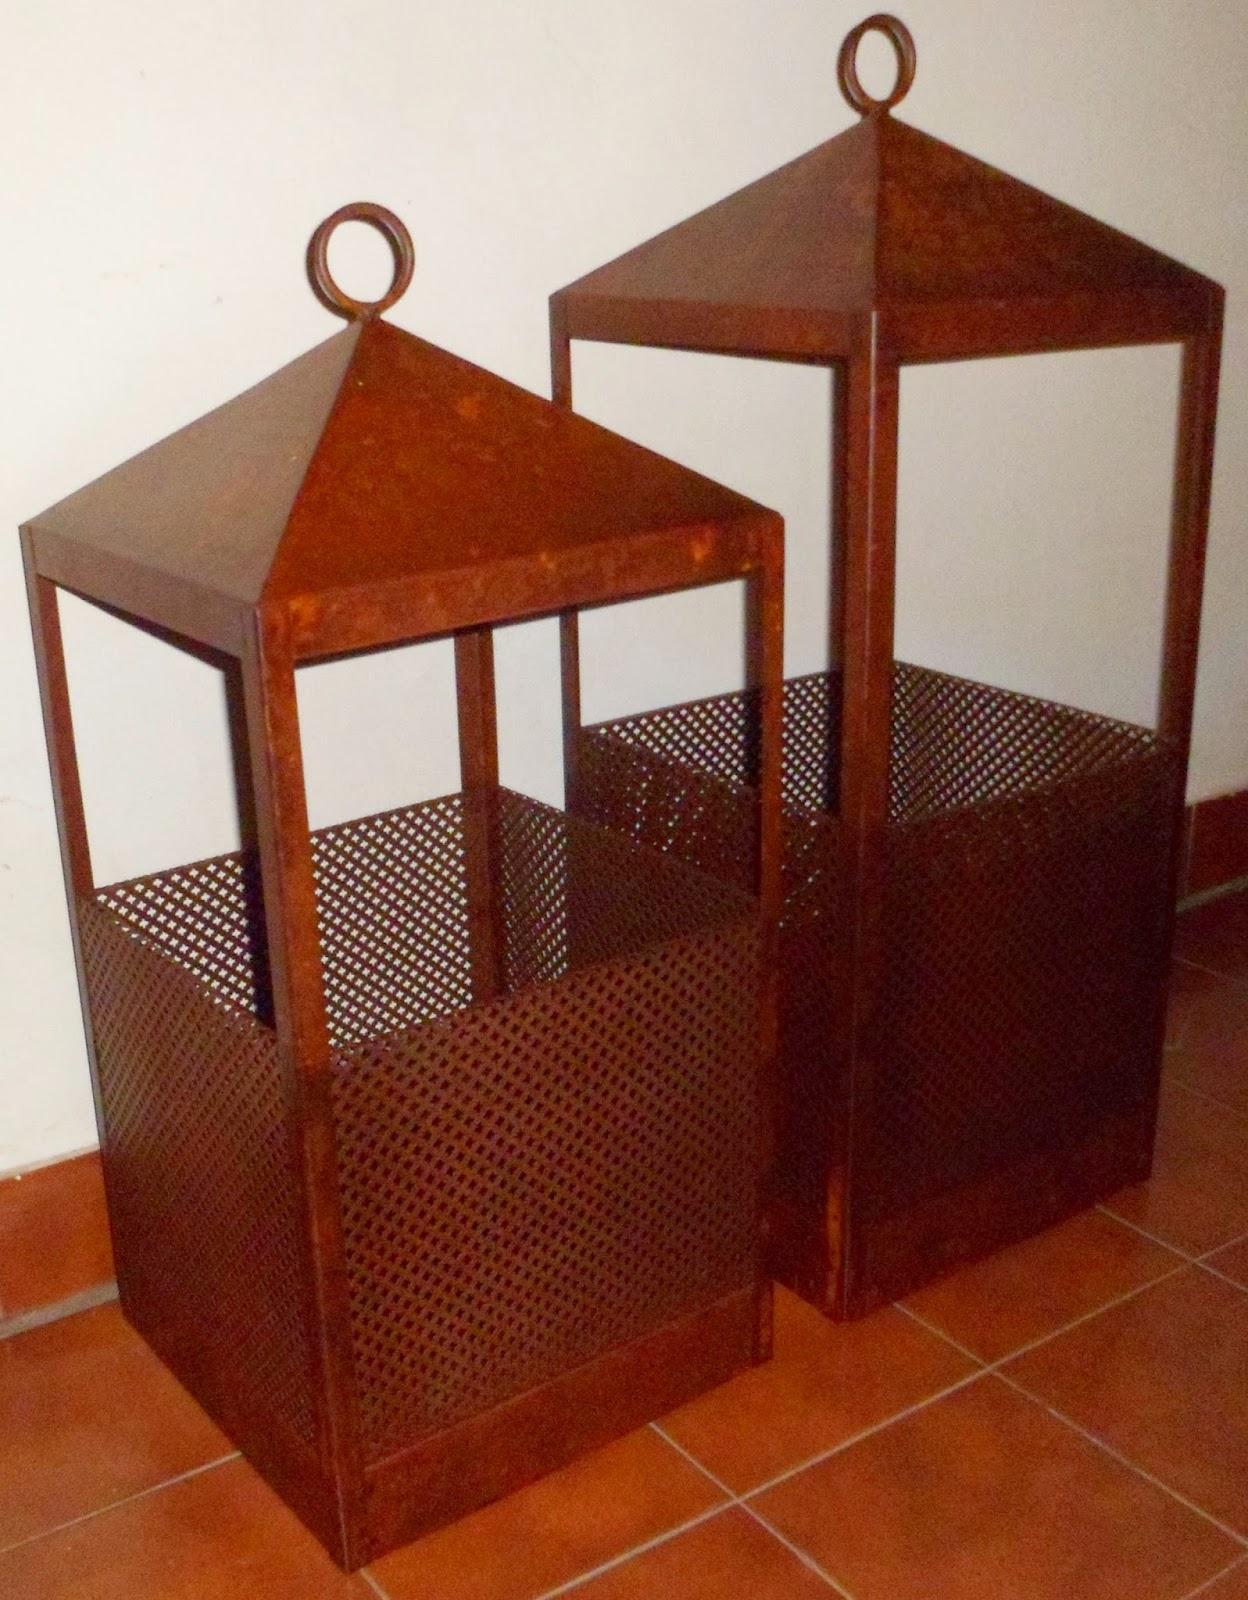 Bienvenidos a nuestro espacio...: Fanales y faroles en hierro oxidado